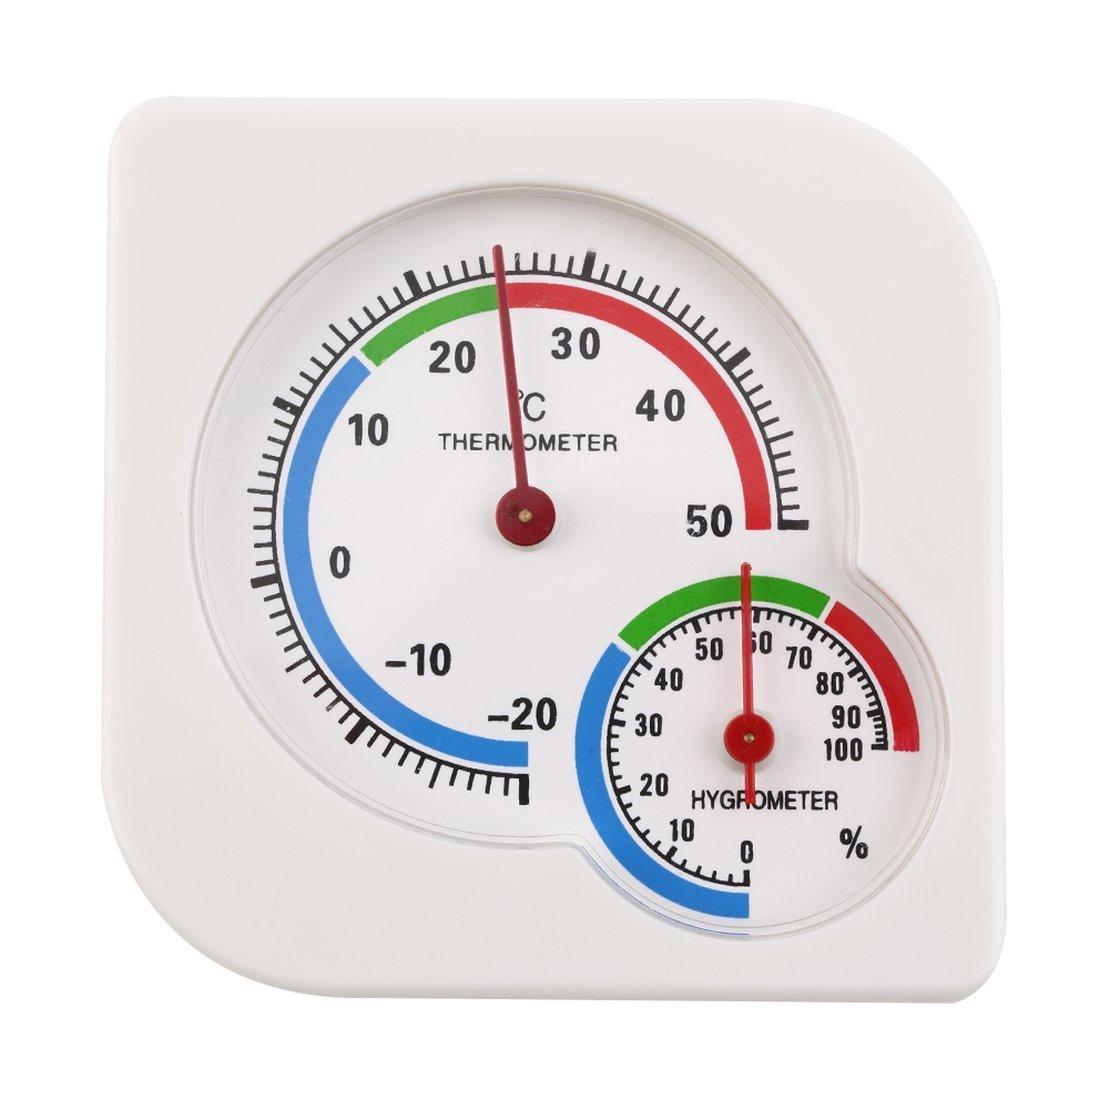 BlackPJenny Classic Homeuse Indoor Outdoor 2 in 1 Mini Igrometro Umido accurato Termometro di umidità Misuratore di Temperatura Meccanico